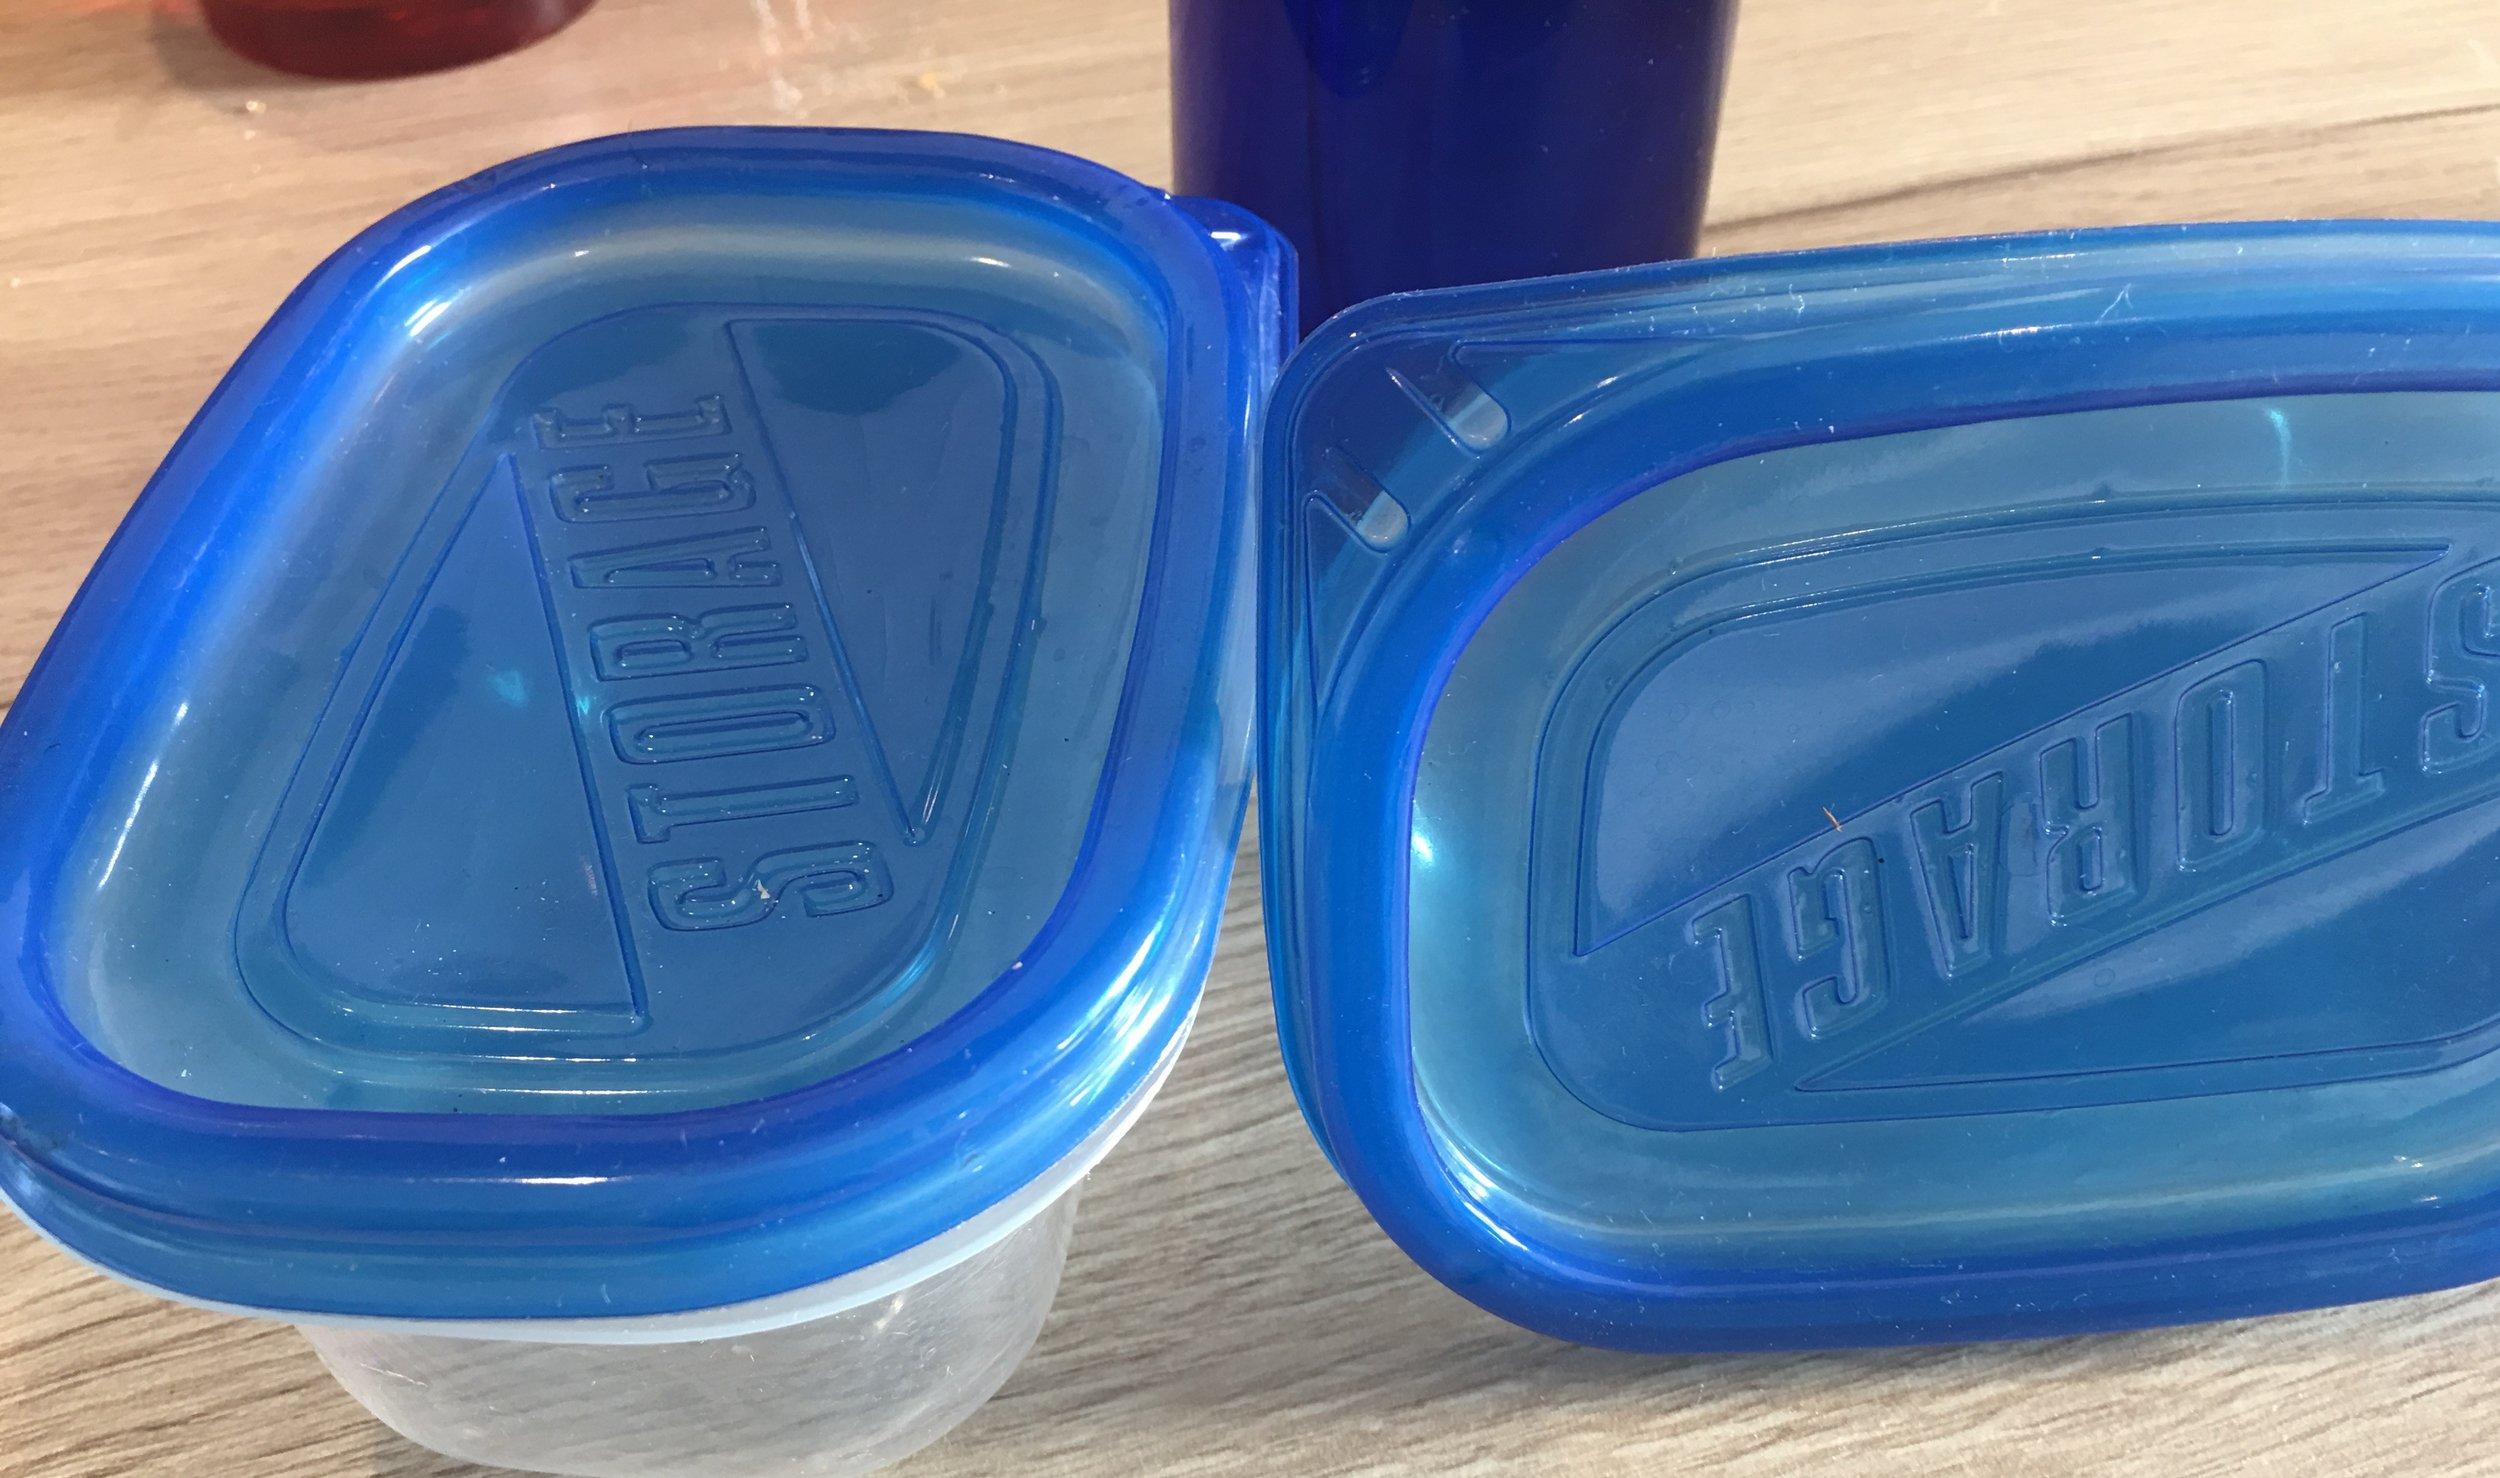 - Du finner billige frysebeholdere (for bl.a syltetøy) i plast på REMA eller KIWI.